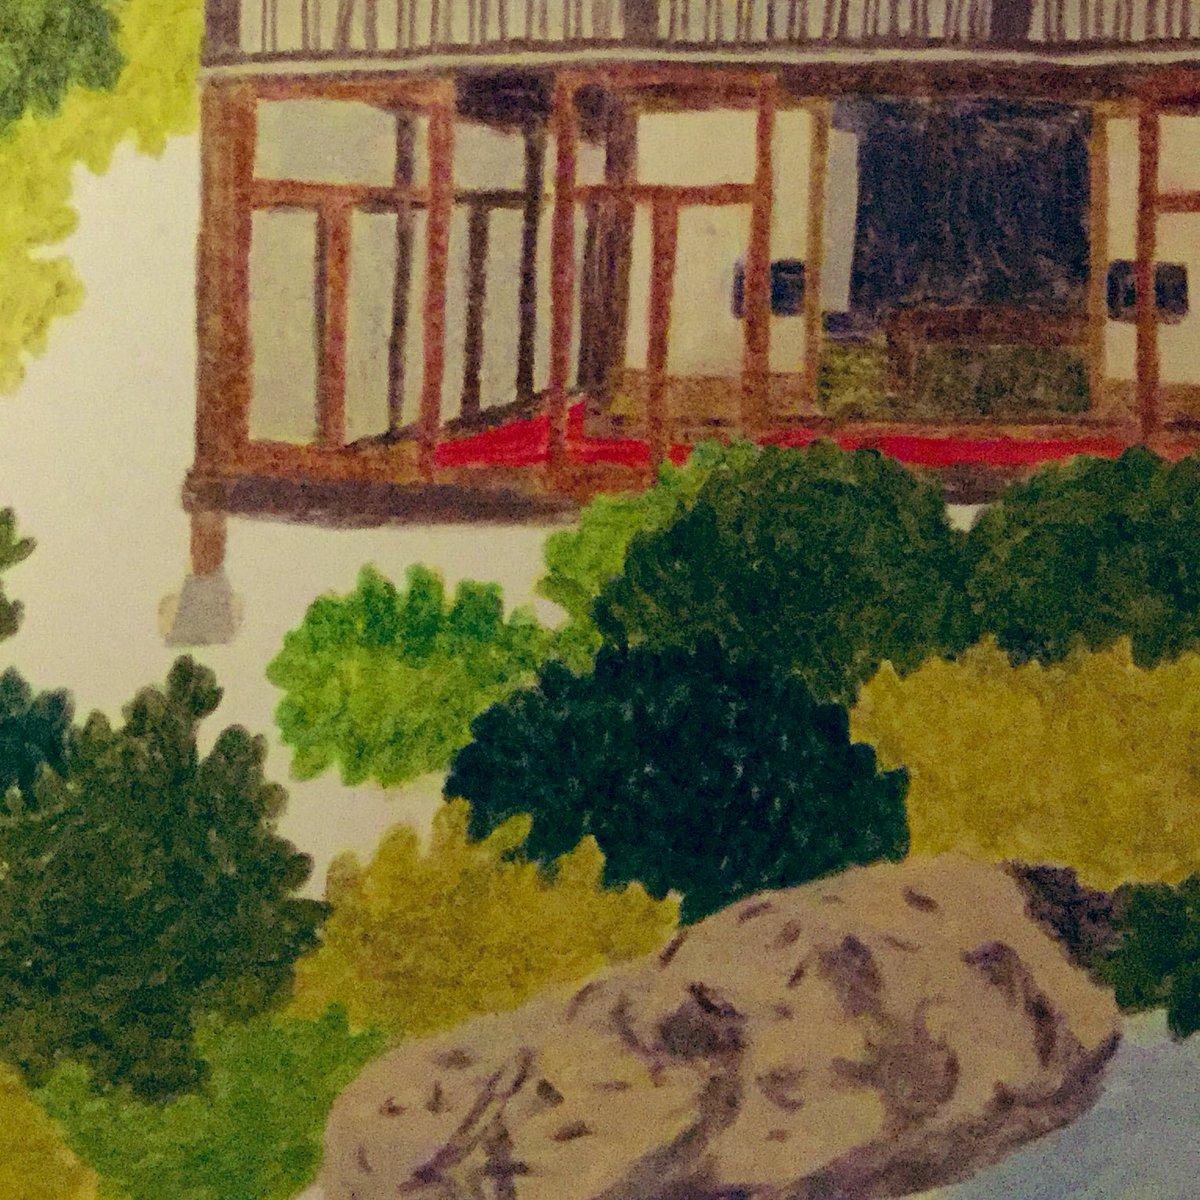 色鉛筆でごりごり描いてると粉がたくさん散らばるので、余白の汚れ防止のためにホース付きの掃除機を側に待機させるようになってしまって、もう2週間出しっ放し。小さいのを買えばいいんだけど。描きかけの日本庭園。終わらないものばっかり!